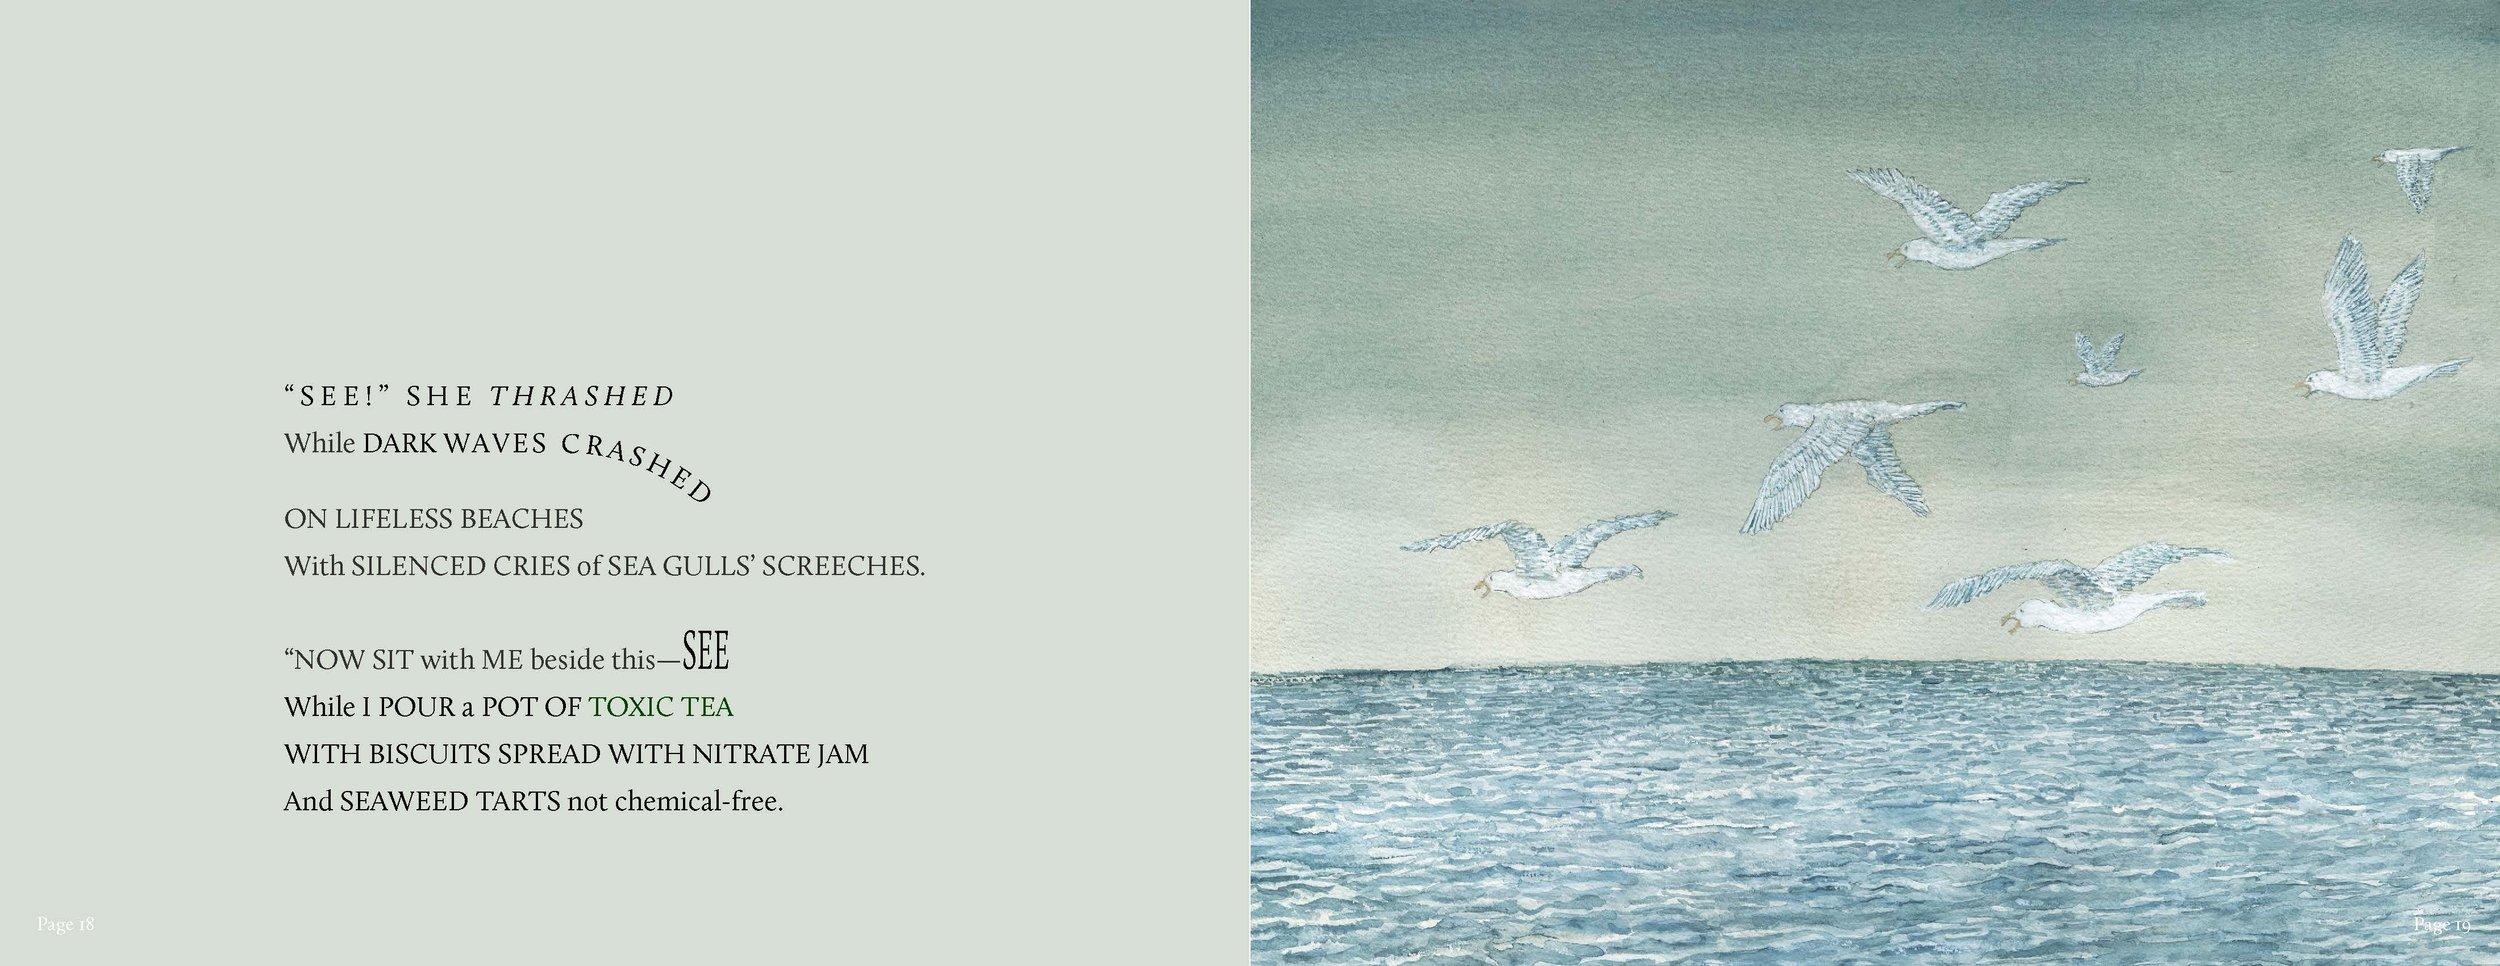 Sea Saw v7 Spreads Print_Page_10.jpg